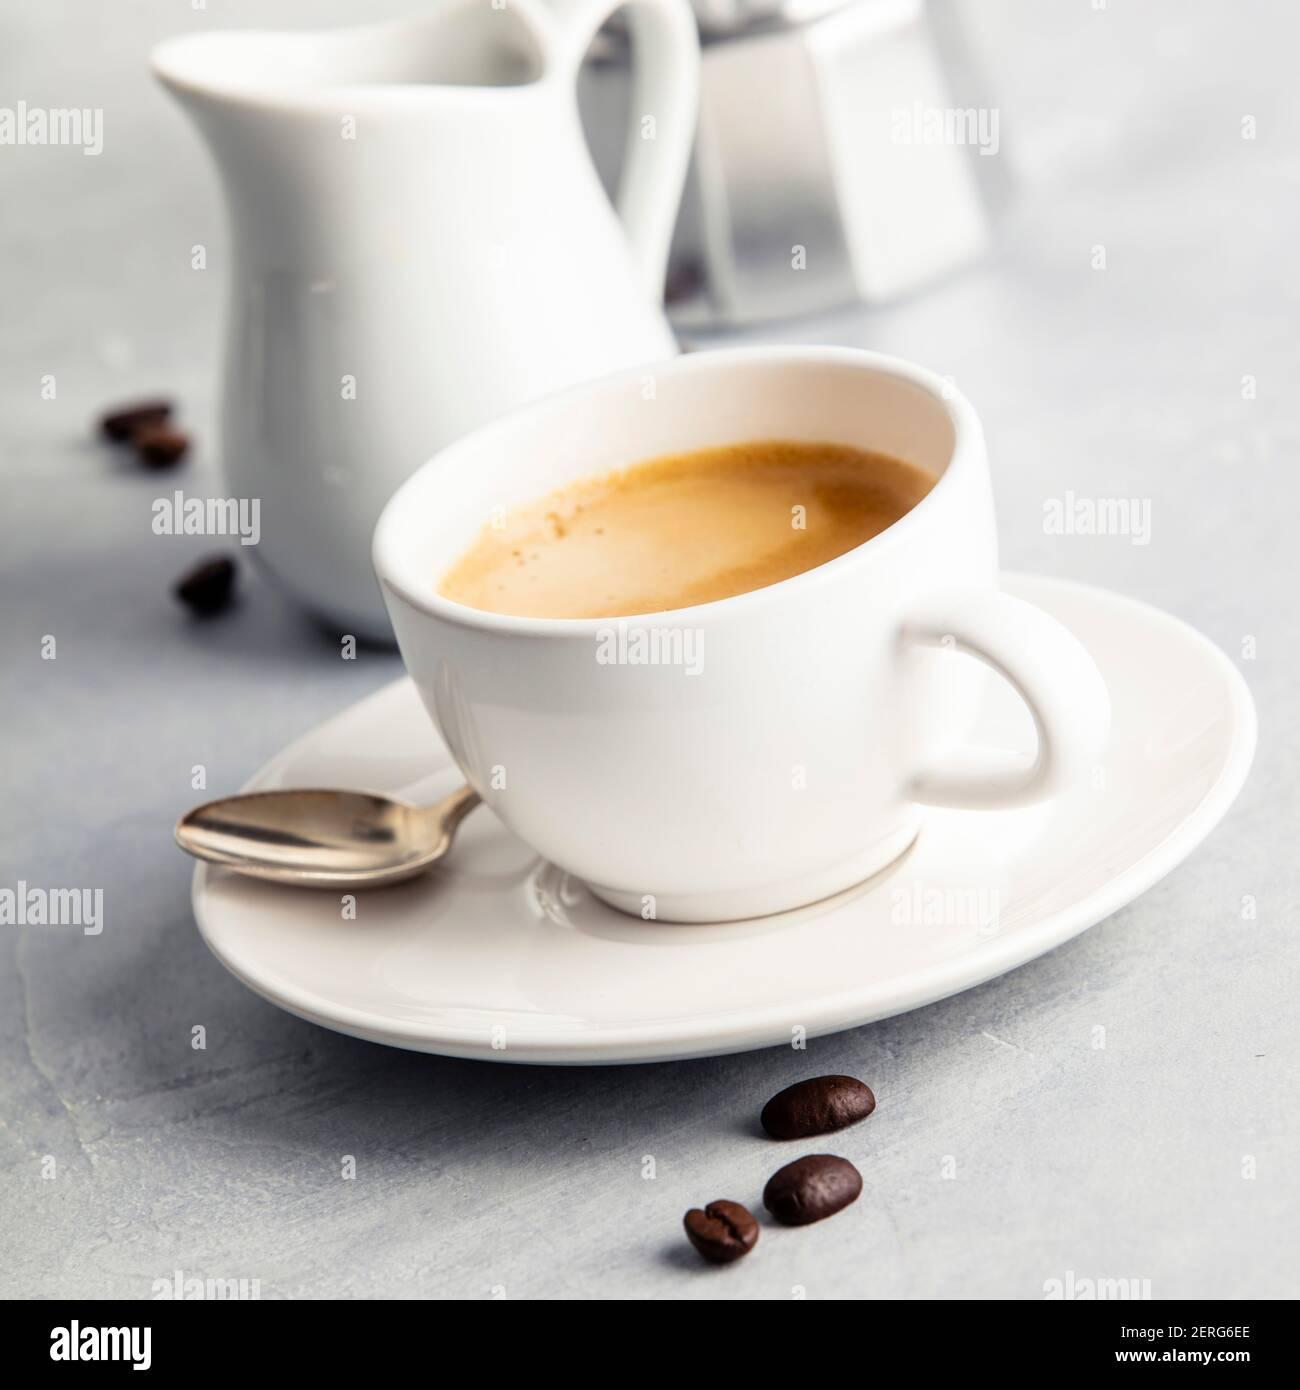 La composition du café sur fond blanc en béton. Dans l'Espresso Café tasse blanche avec du lait et une cafetière. Concept de petit-déjeuner Banque D'Images